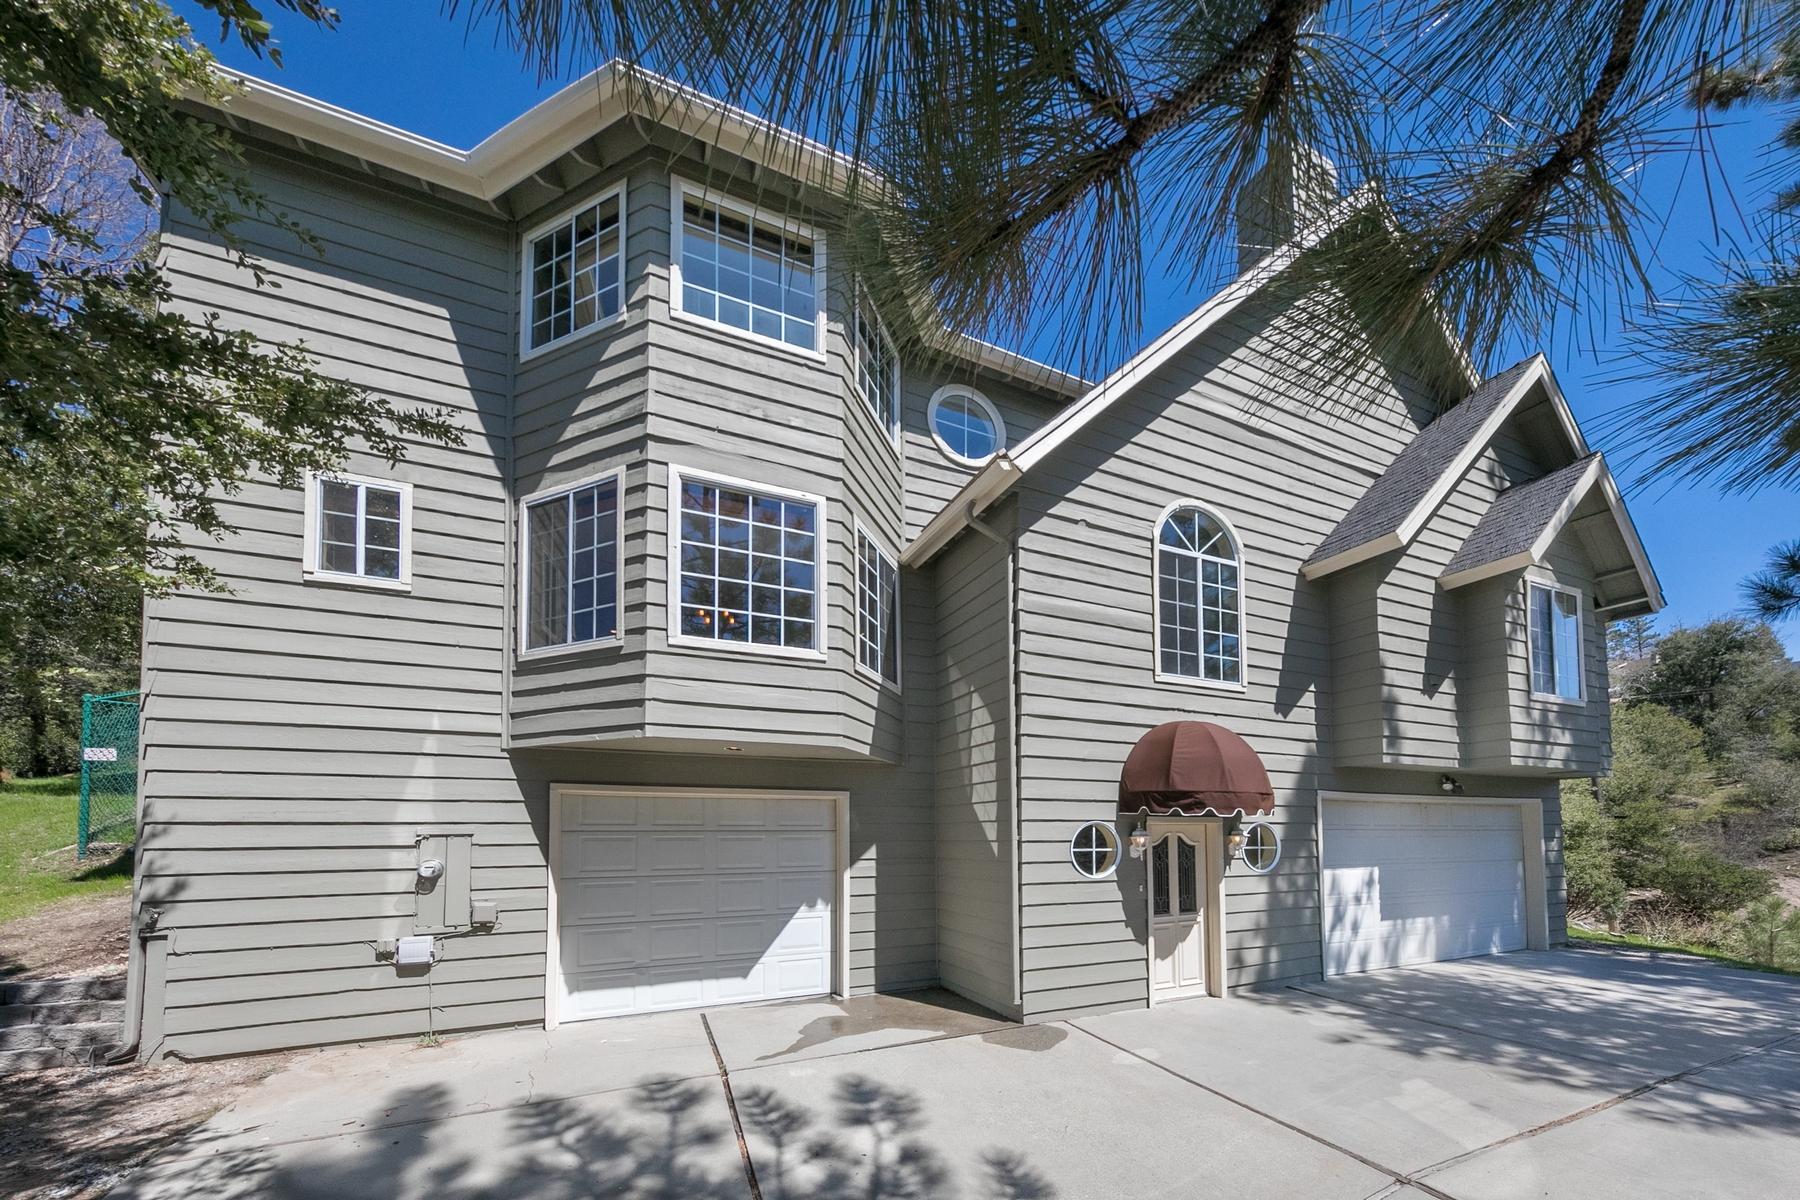 Частный односемейный дом для того Продажа на 1120 Sandalwood Court Lake Arrowhead, Калифорния 92352 Соединенные Штаты